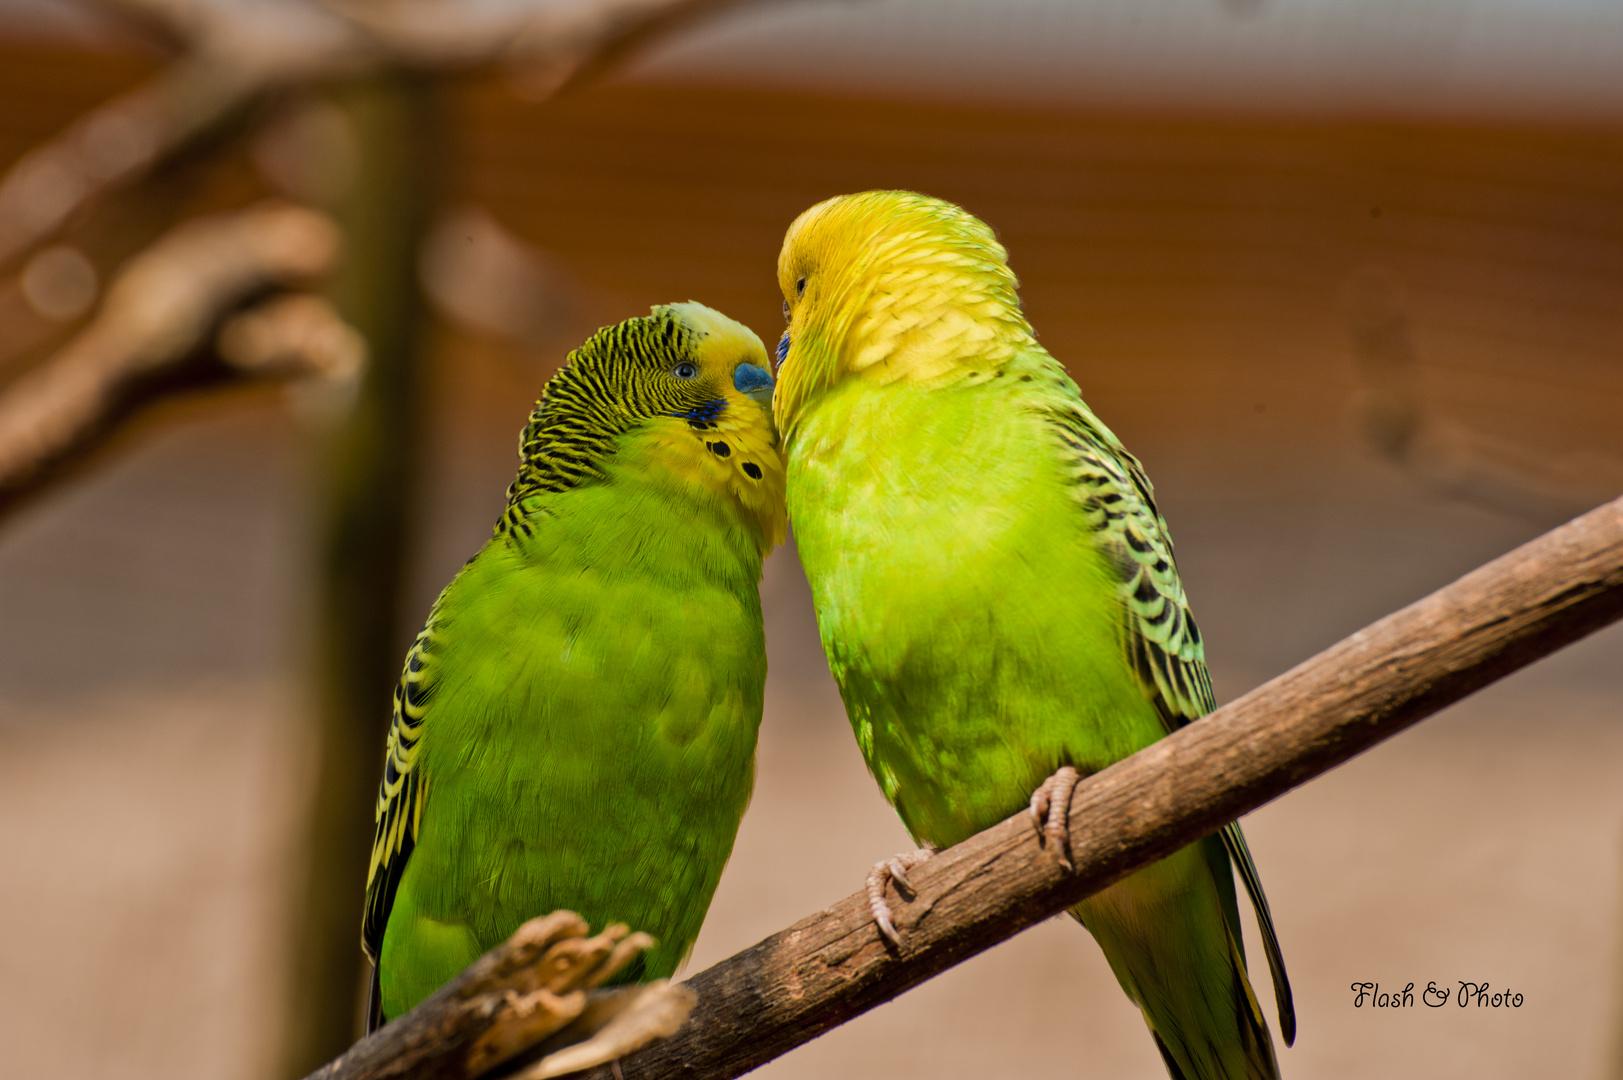 Liebe ist.....................sich ganz tief in die Augen zu schauen.